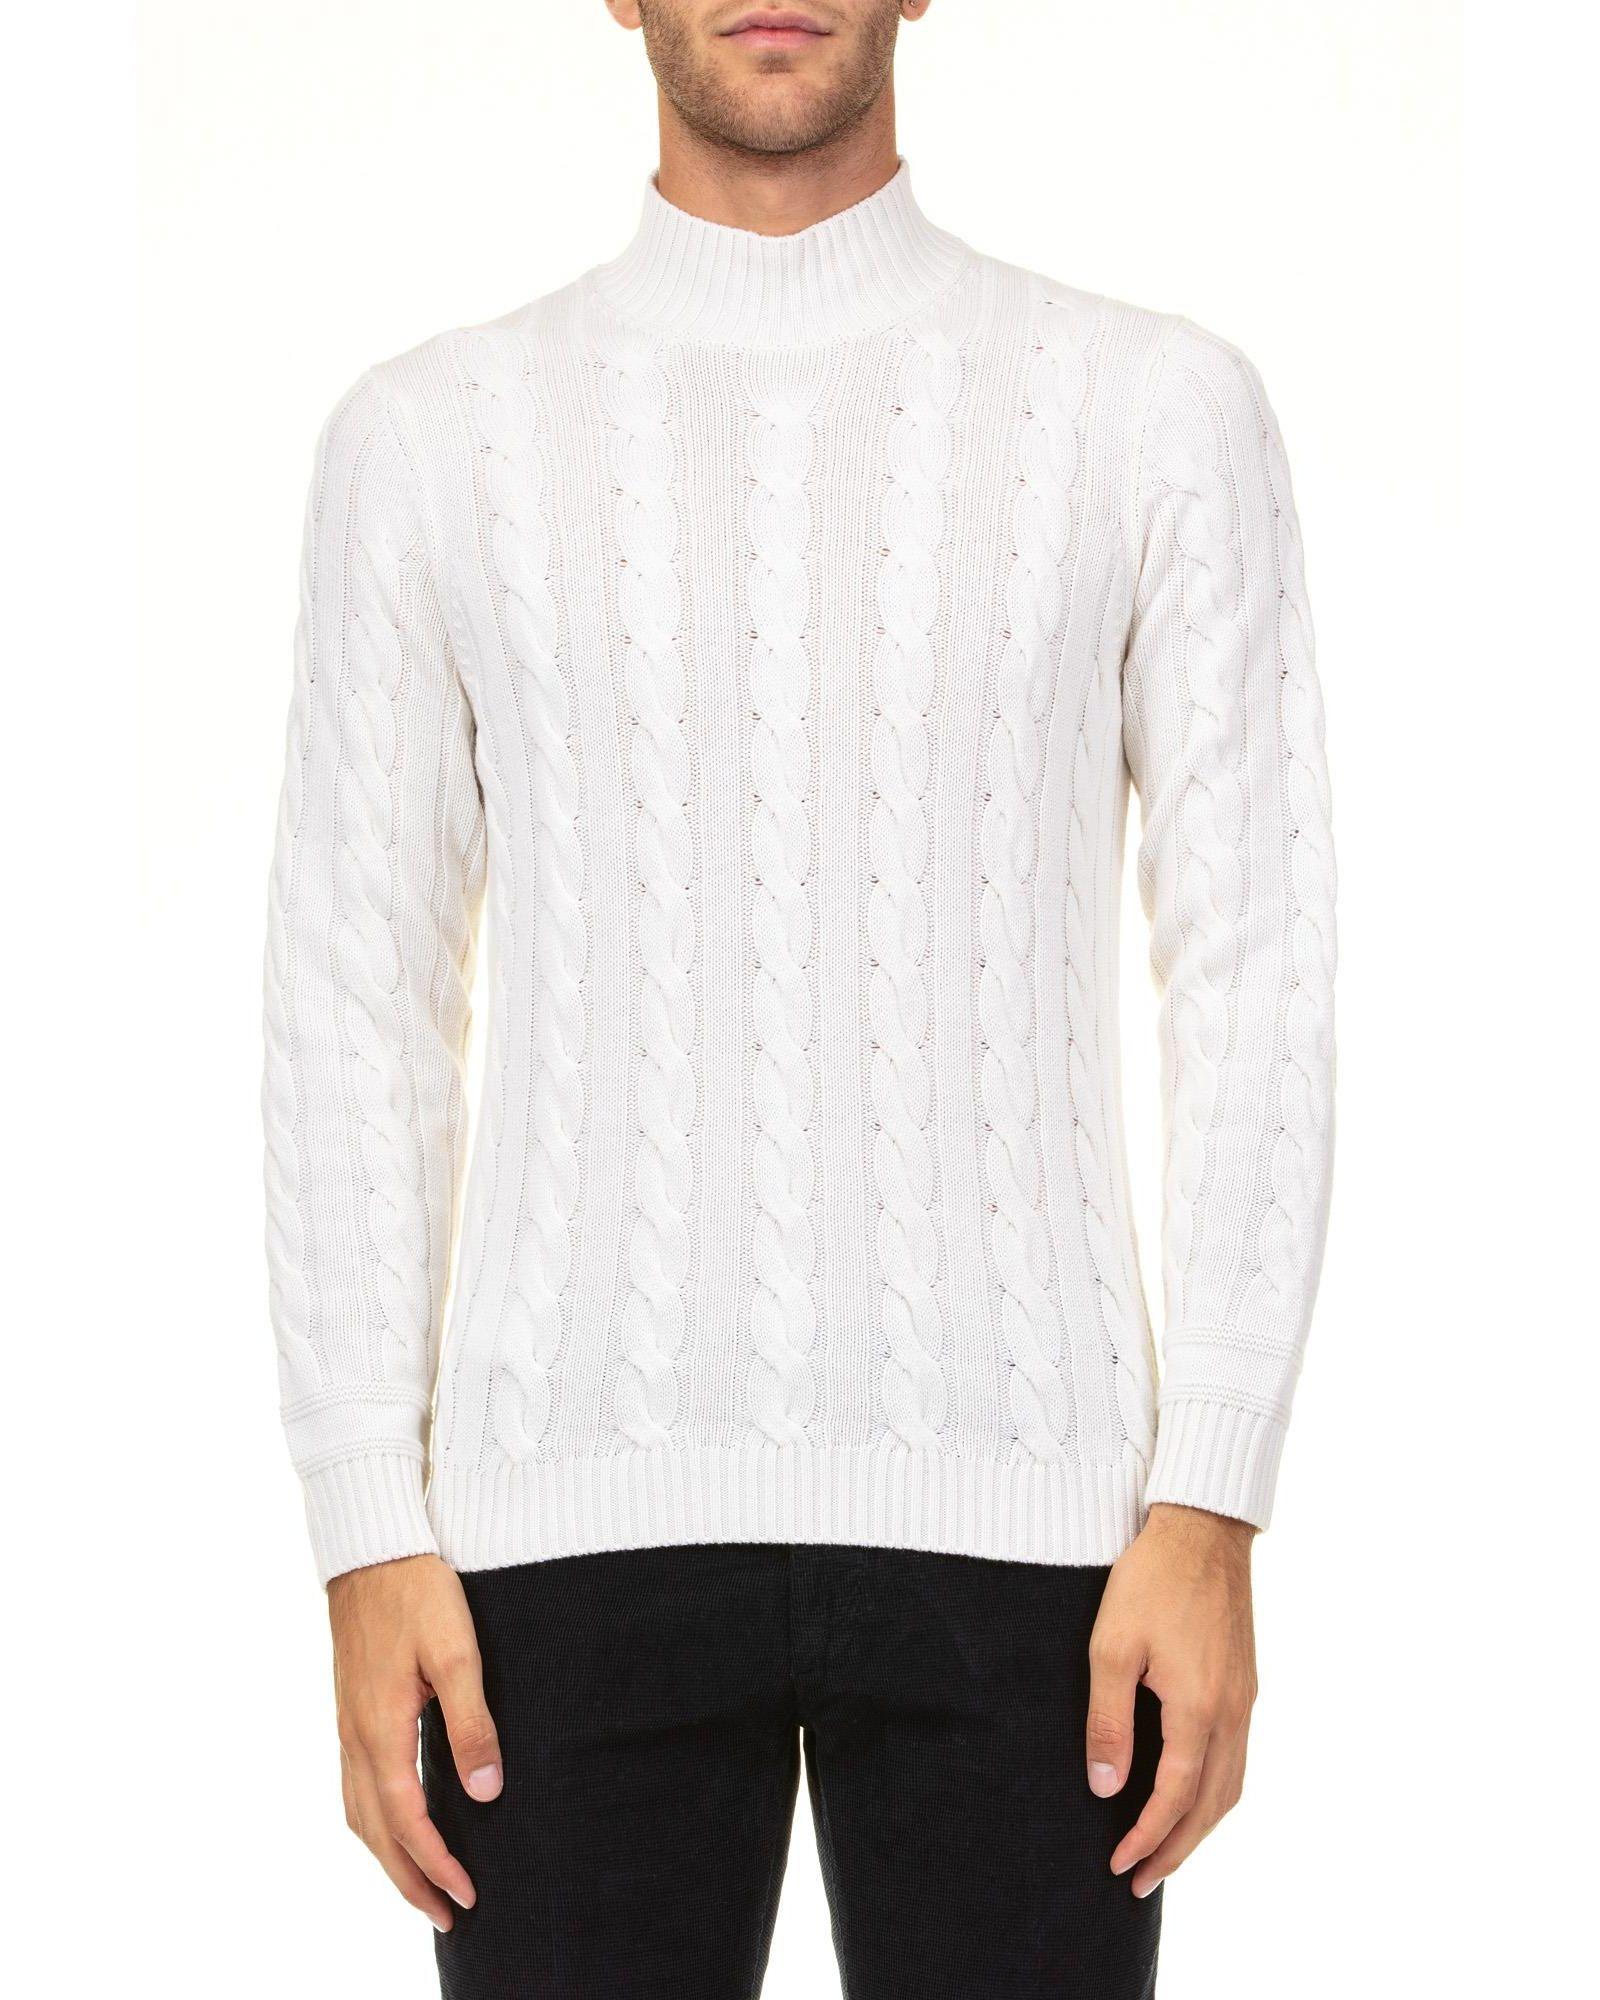 KANGRA Woll Blend Turtleneck Sweater in White